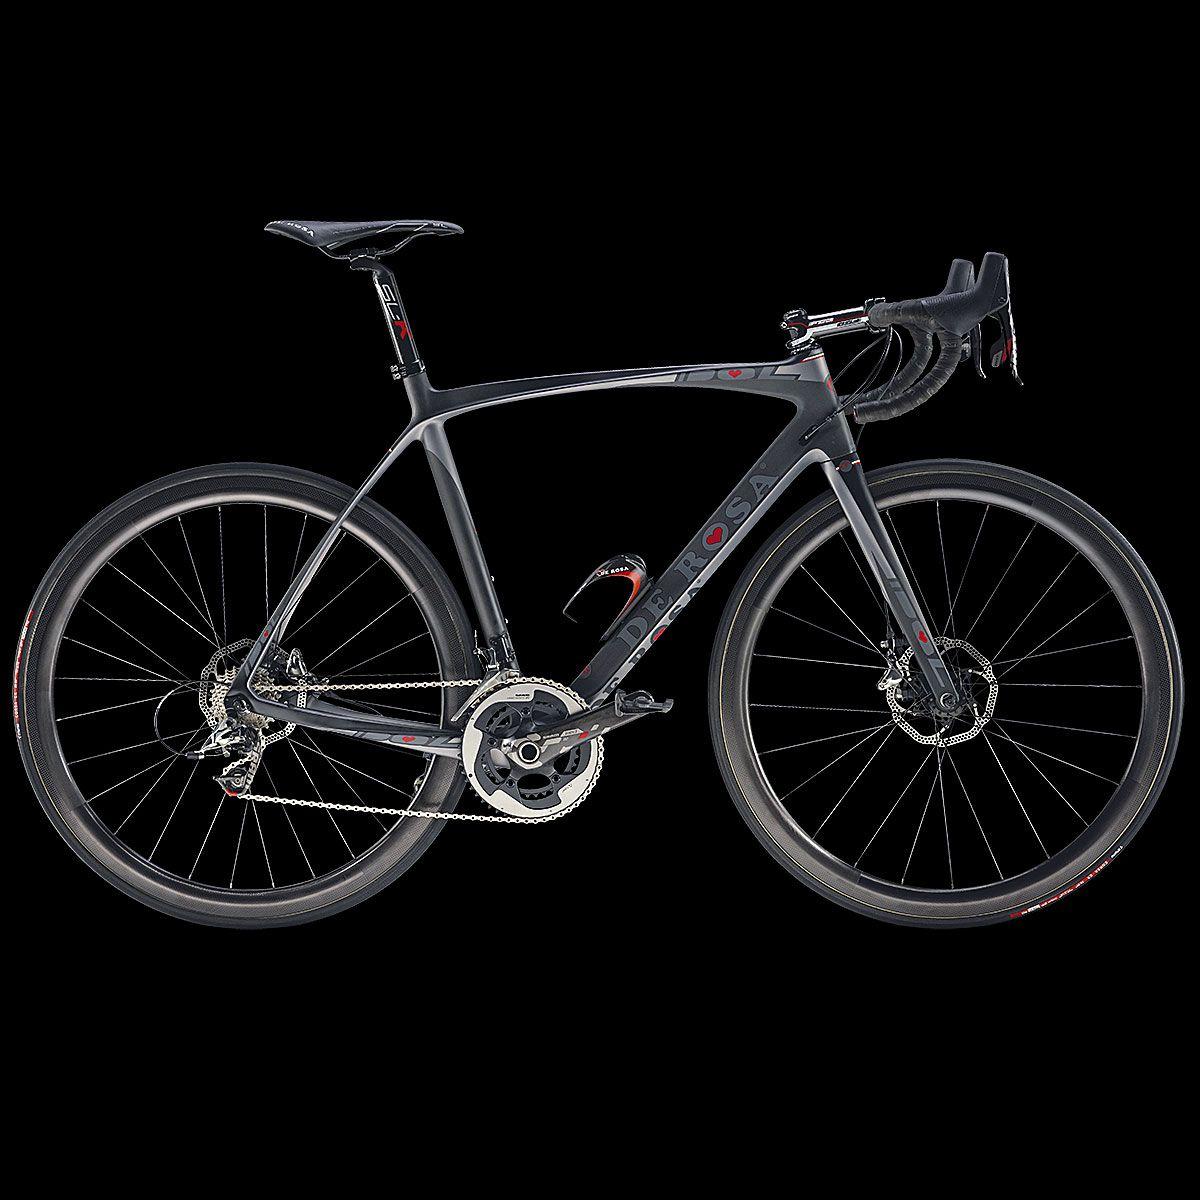 Idol1200 Greysra Disk Bicycle Bike Road Bike